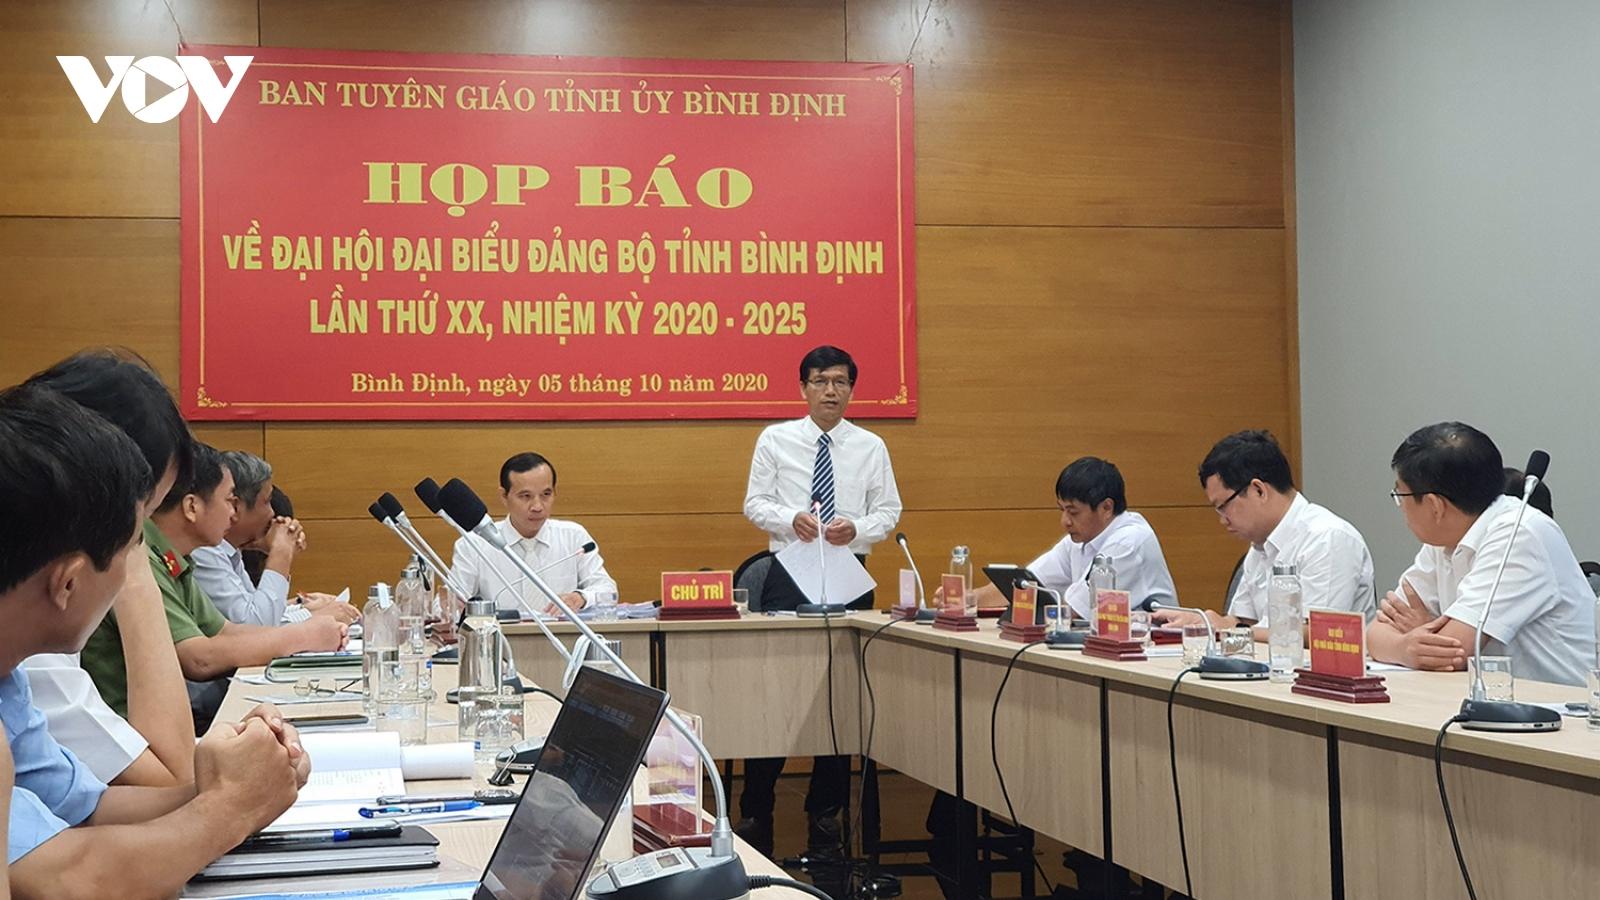 Bình Định: Chuẩn bị chu đáo Báo cáo Chính trị Đại hội Đảng bộ tỉnh lần thứ XX